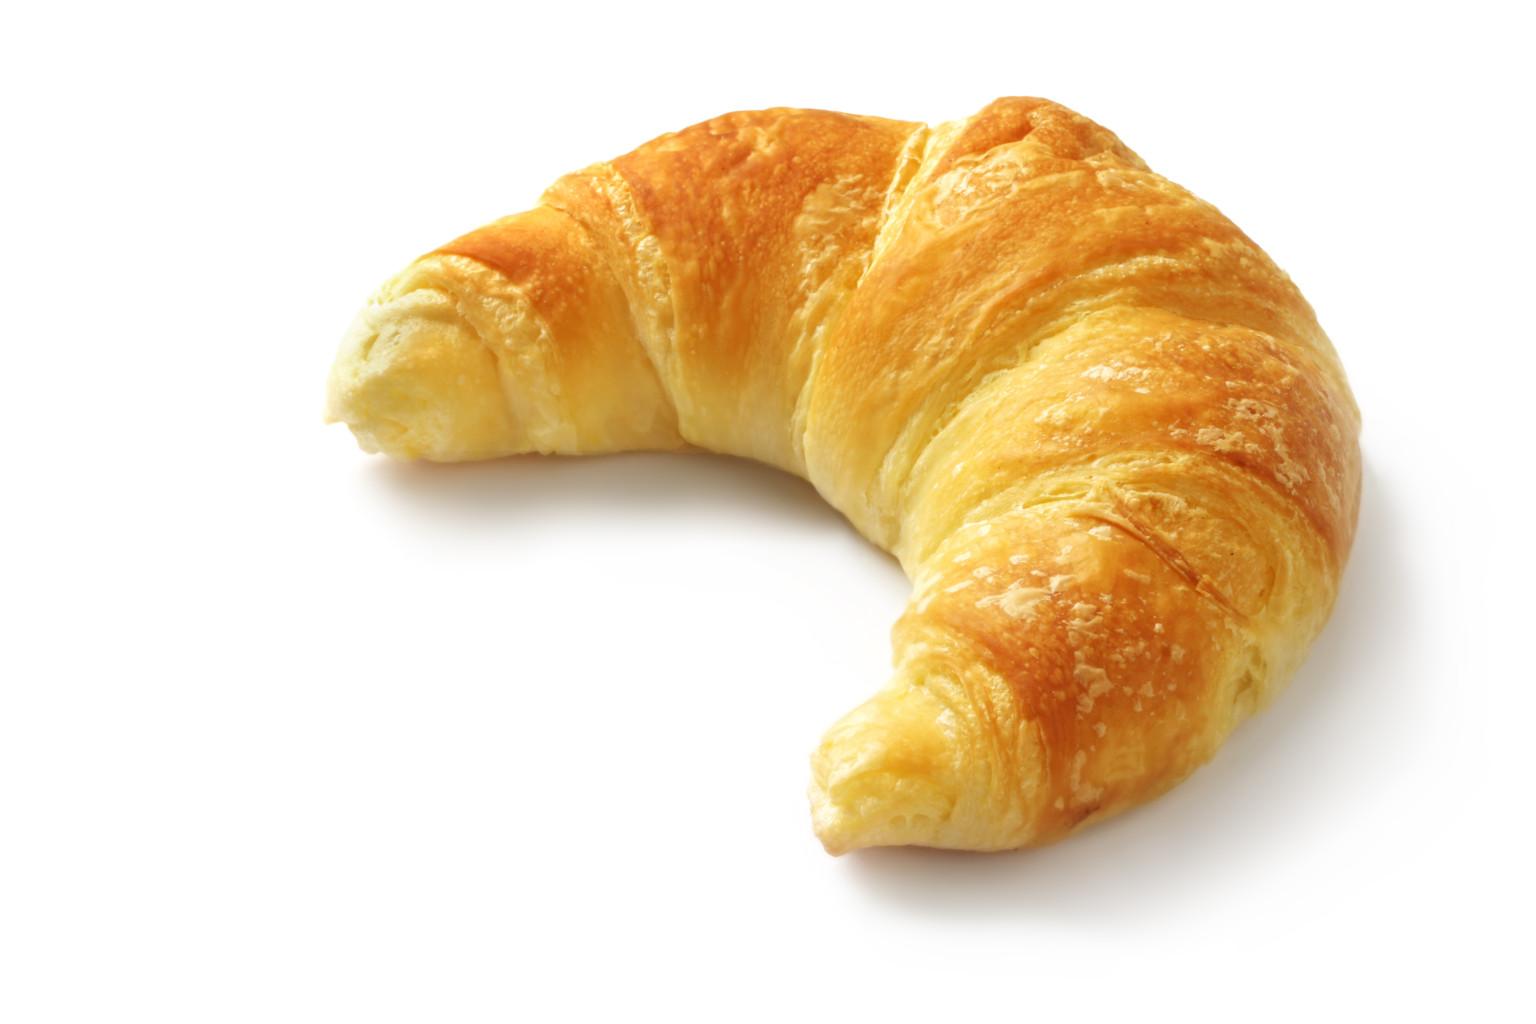 croissants commander vos croissants croissants image des croissants ...